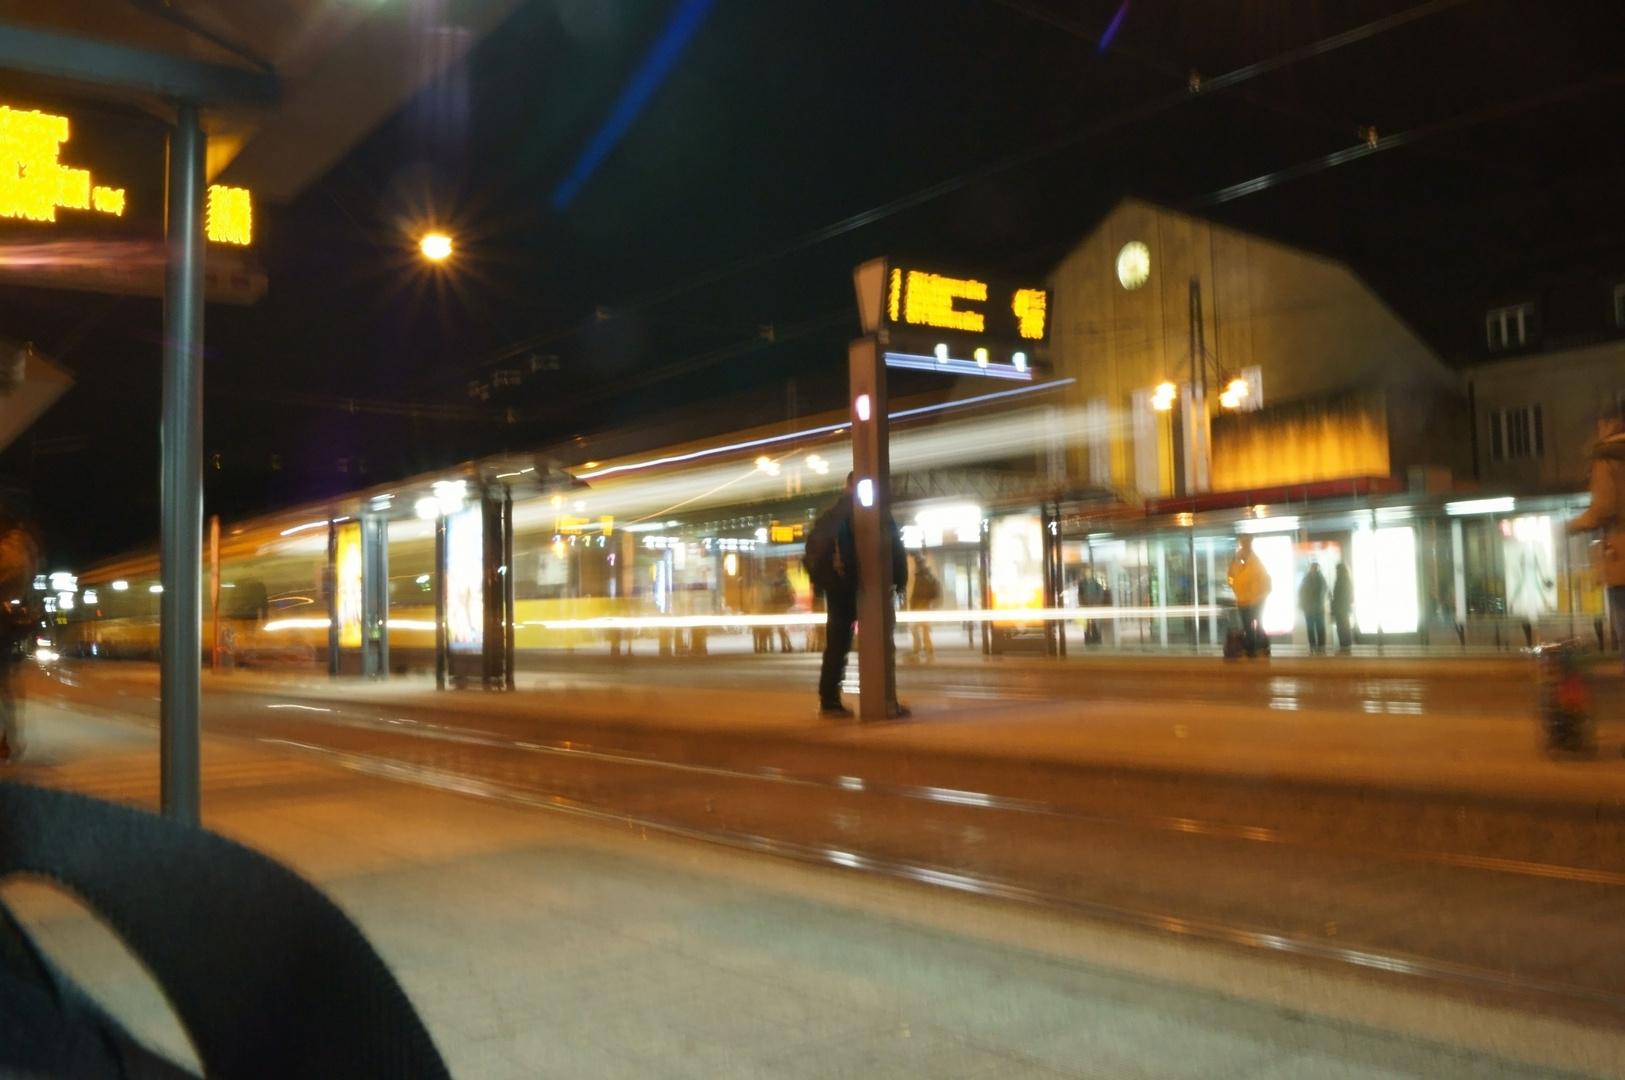 Haesslon-Bahn on the the way home